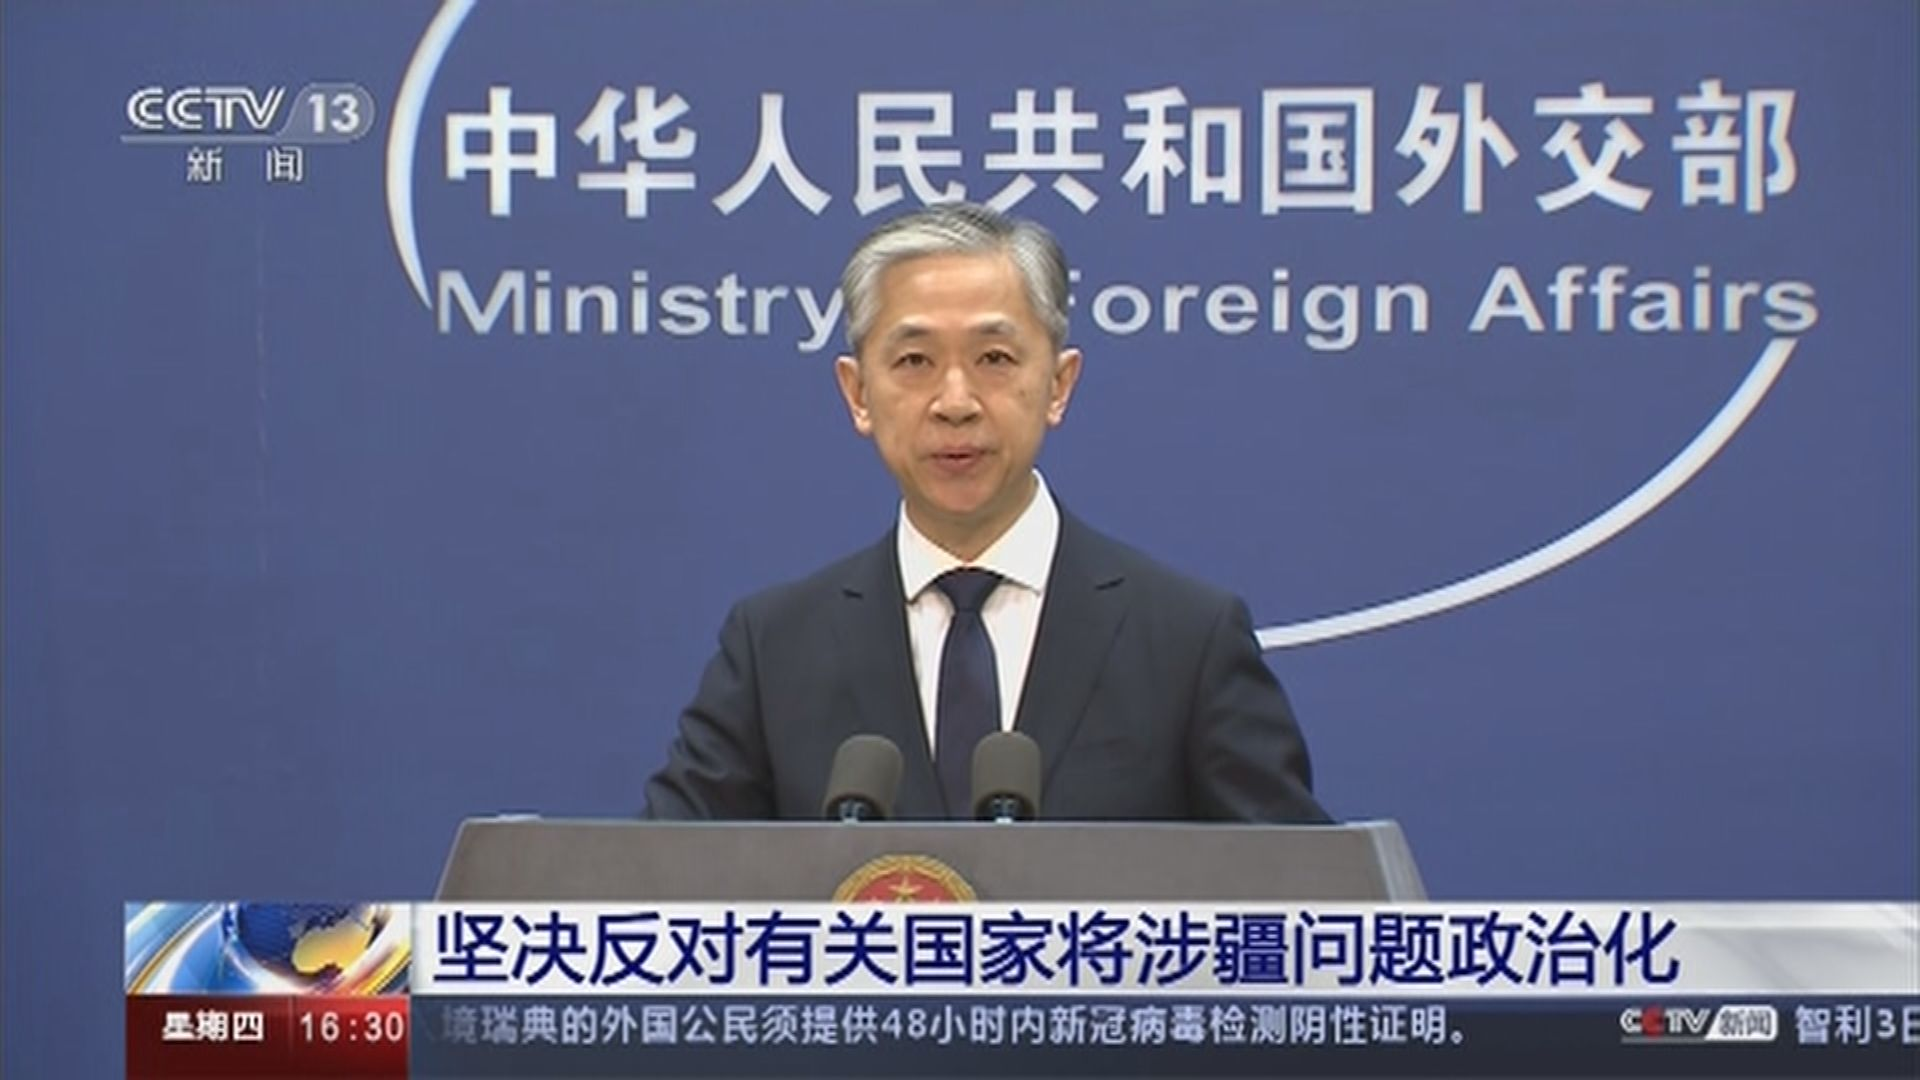 中方否認有新疆婦女遭系統性侵犯和虐待